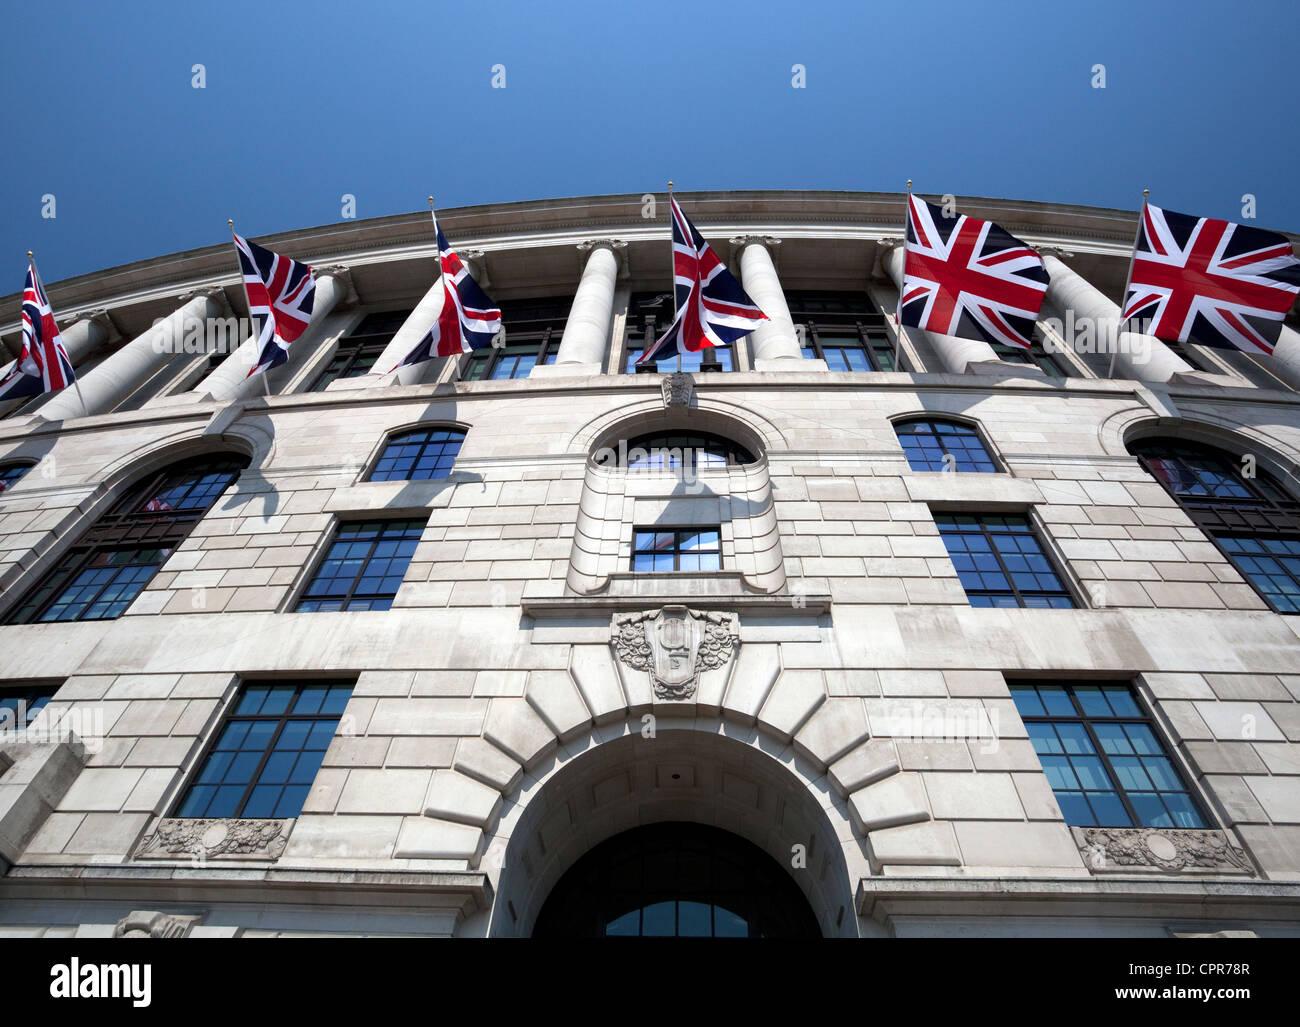 Unilever House, Victoria Embankment, London Stock Photo